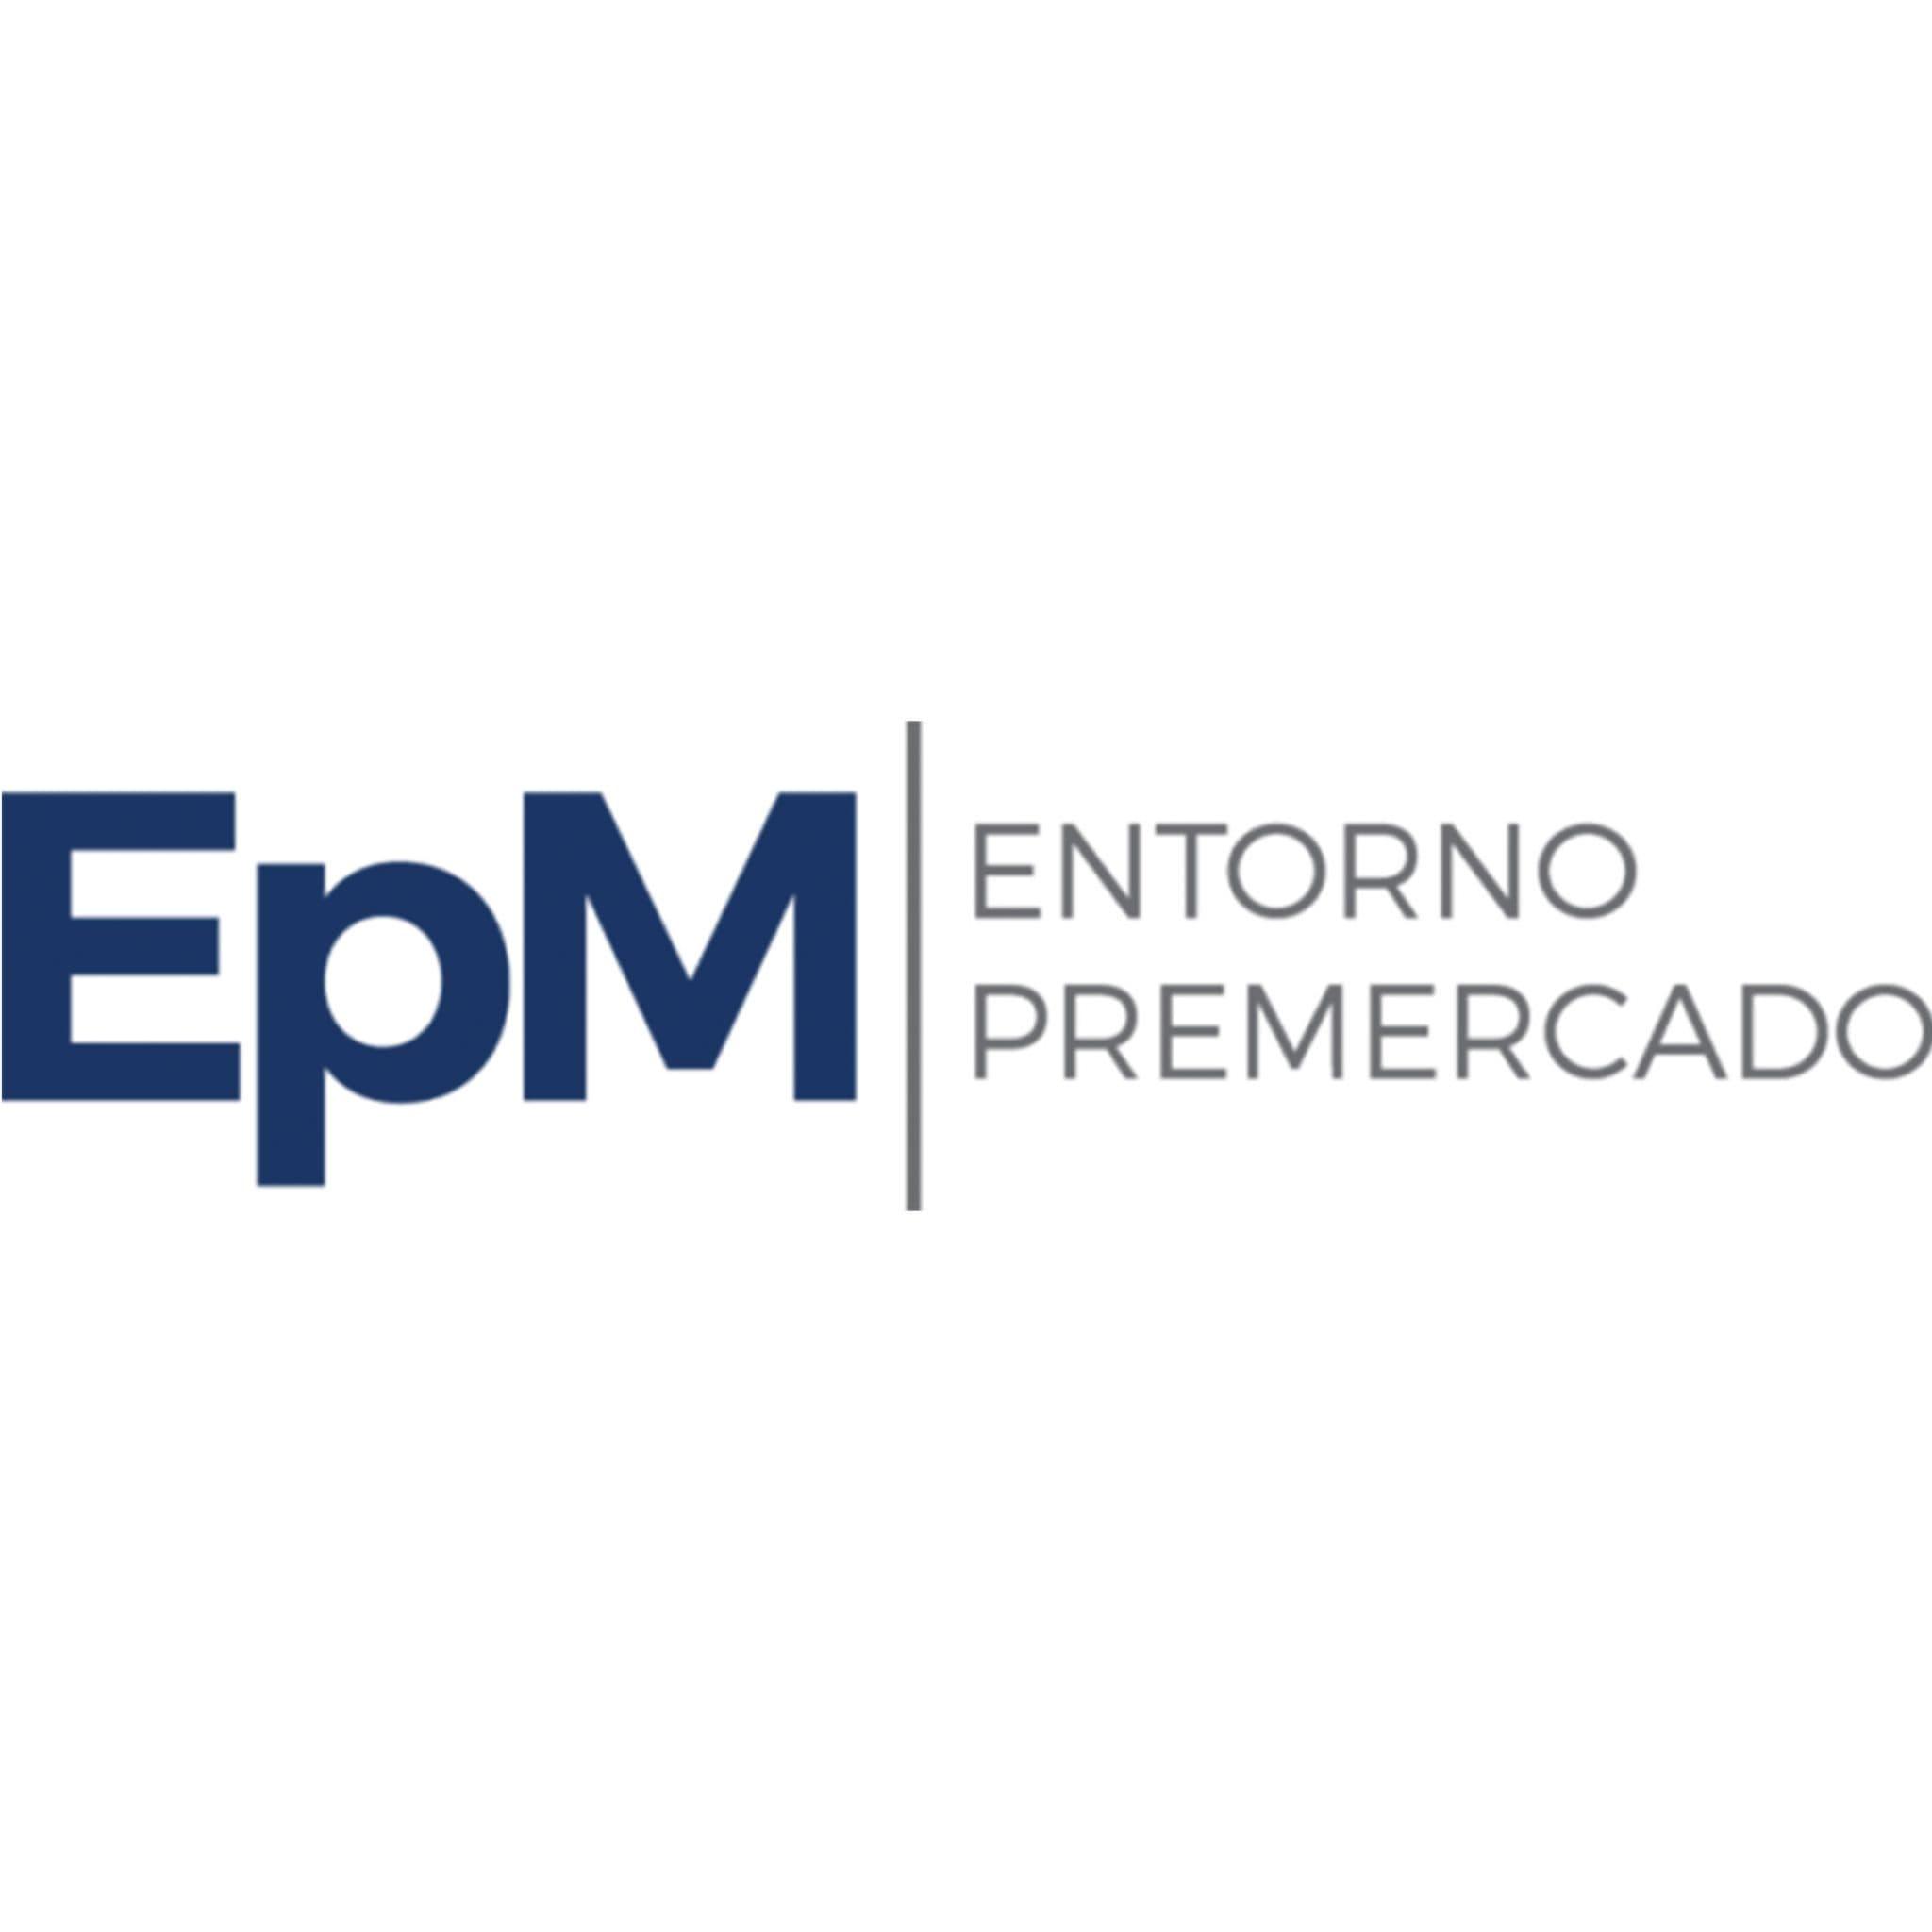 Entorno Pre-Mercado